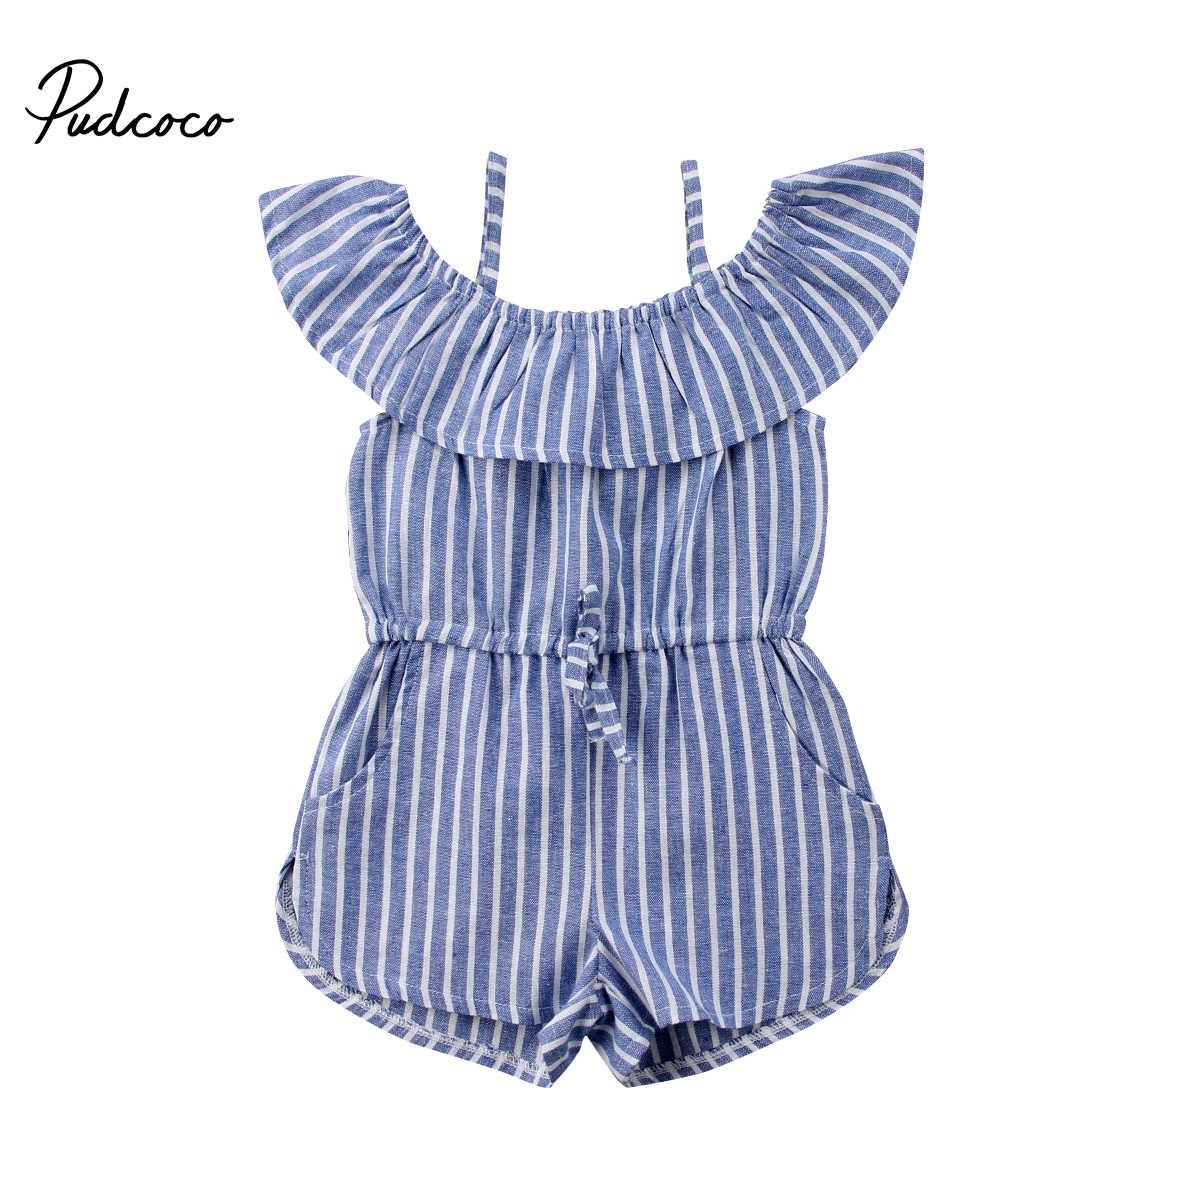 02bedc24c68 Летняя одежда для малышей в полоску для девочек ползунки для малышей  светло-голубой комбинезон одежда